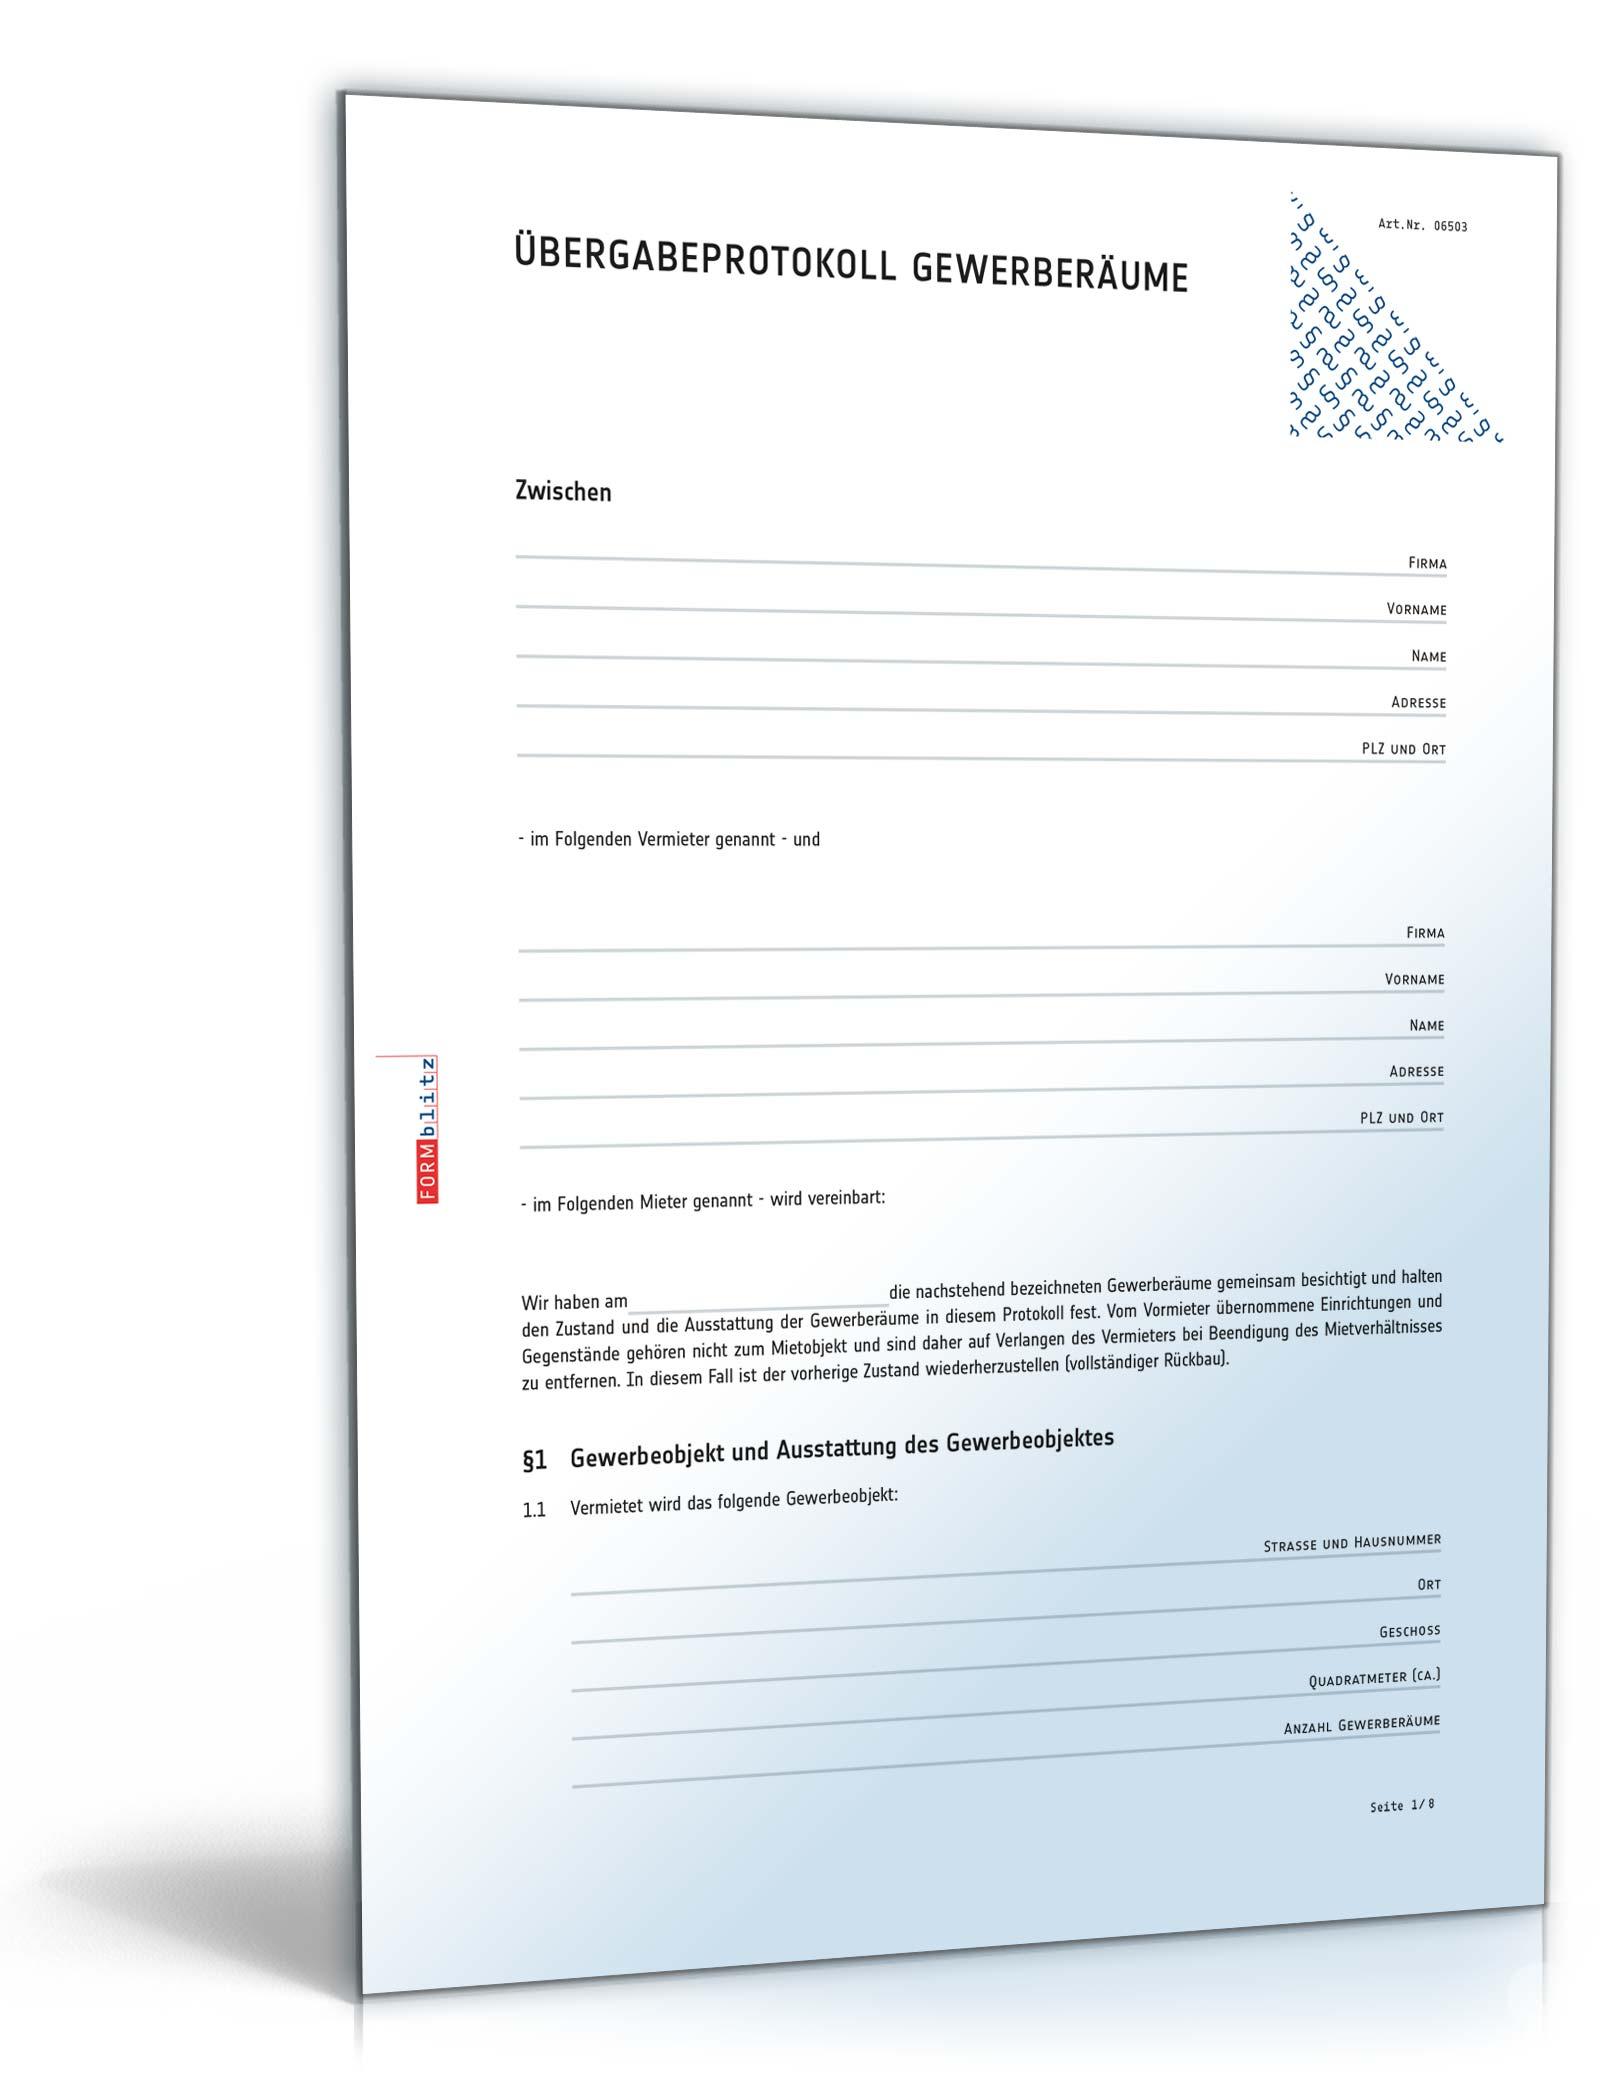 bergabeprotokoll gewerberume muster zum download - Ubergabeprotokoll Muster